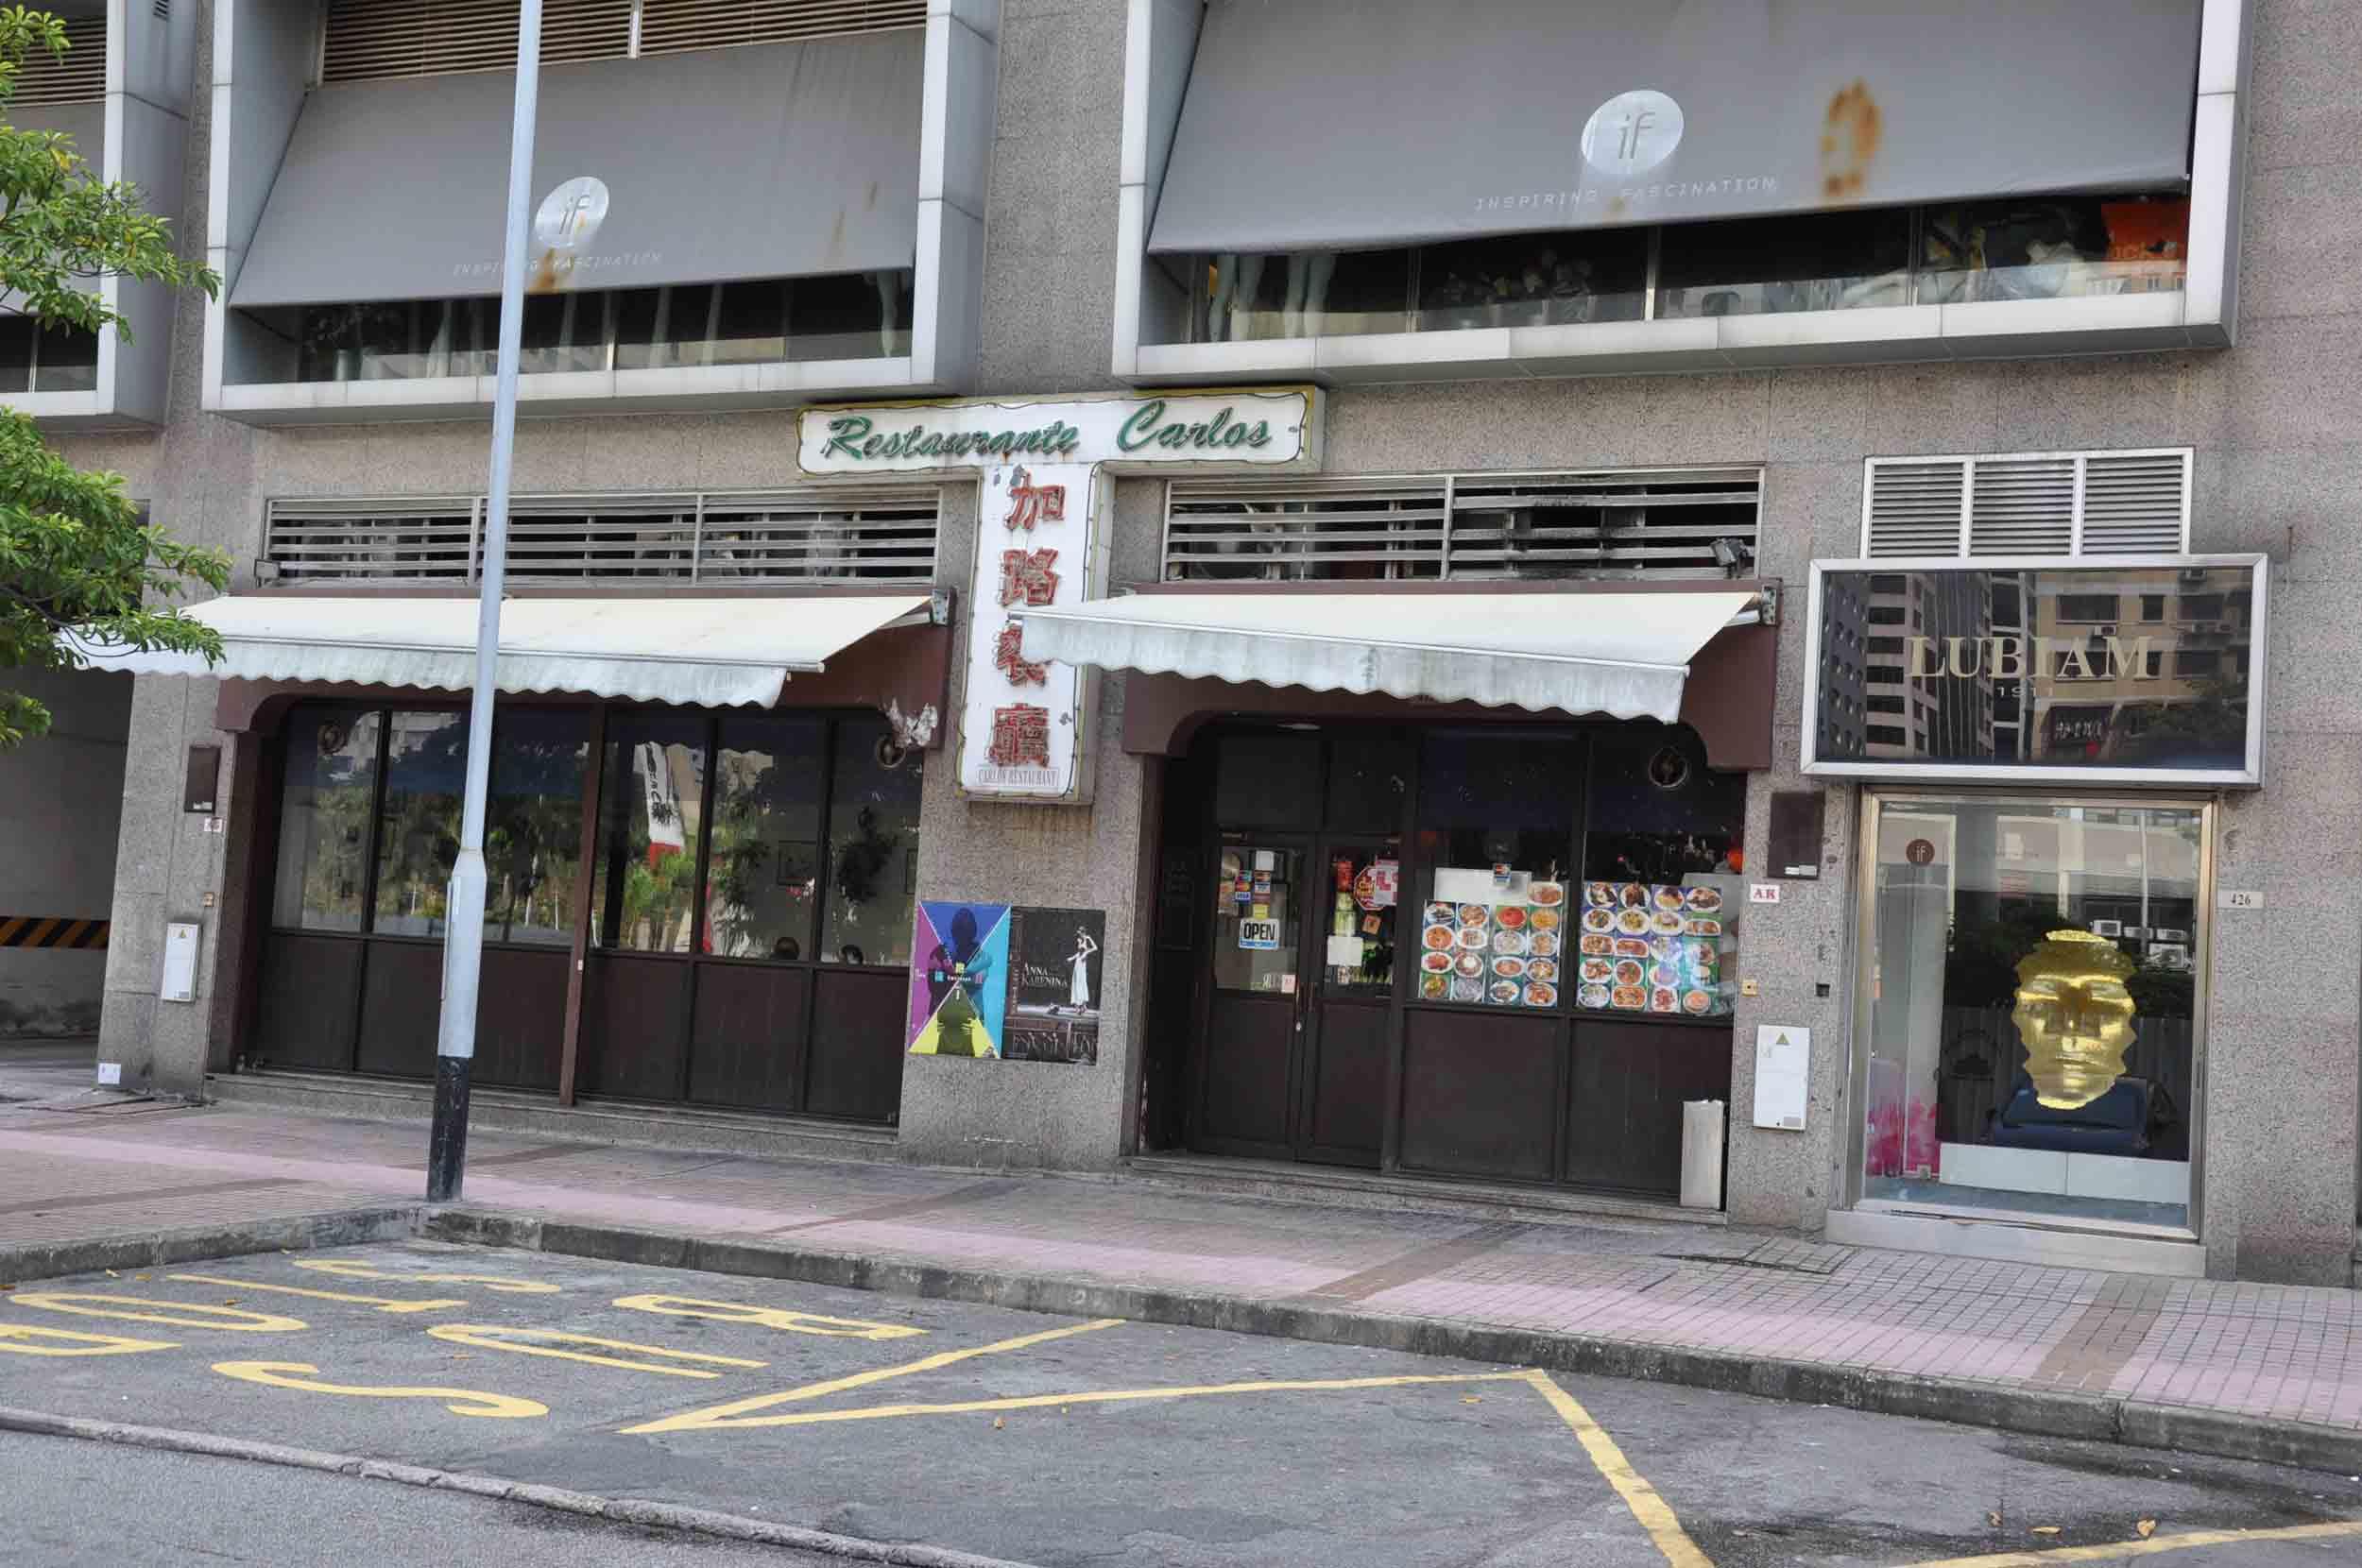 Carlos Restaurant Macau